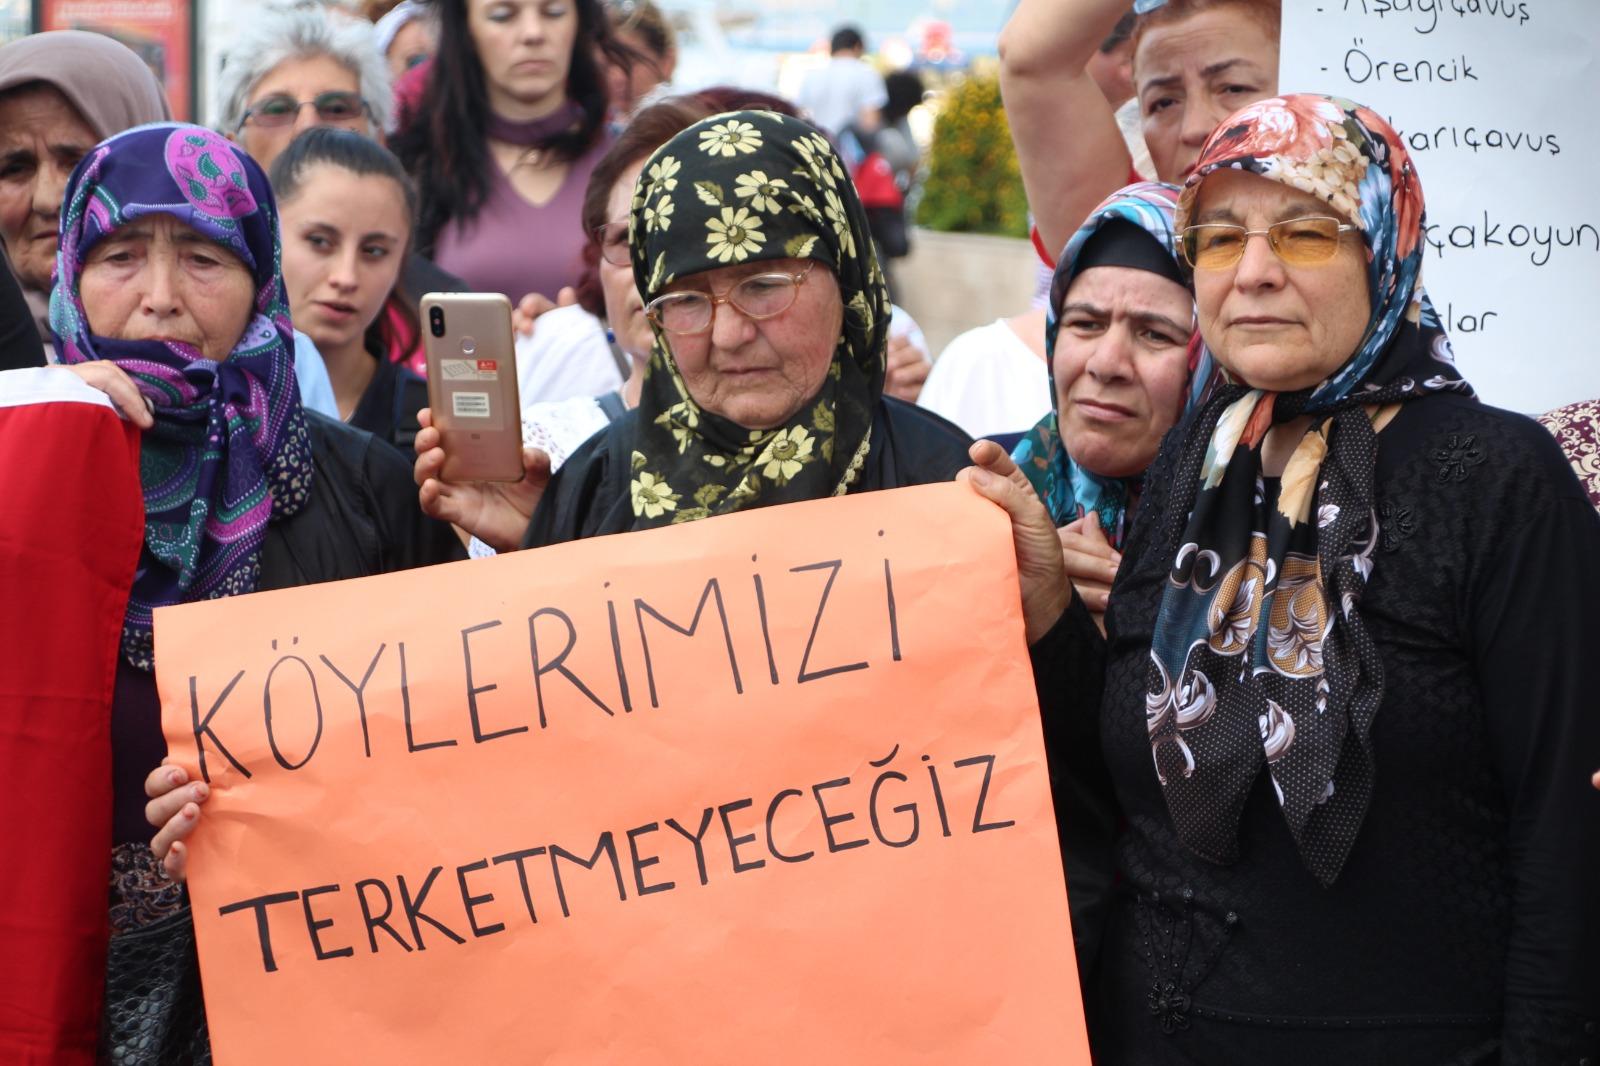 Kazdağları'nda halk Agonya'da kömür madeni istemiyor: 'Proje derhal iptal edilsin'